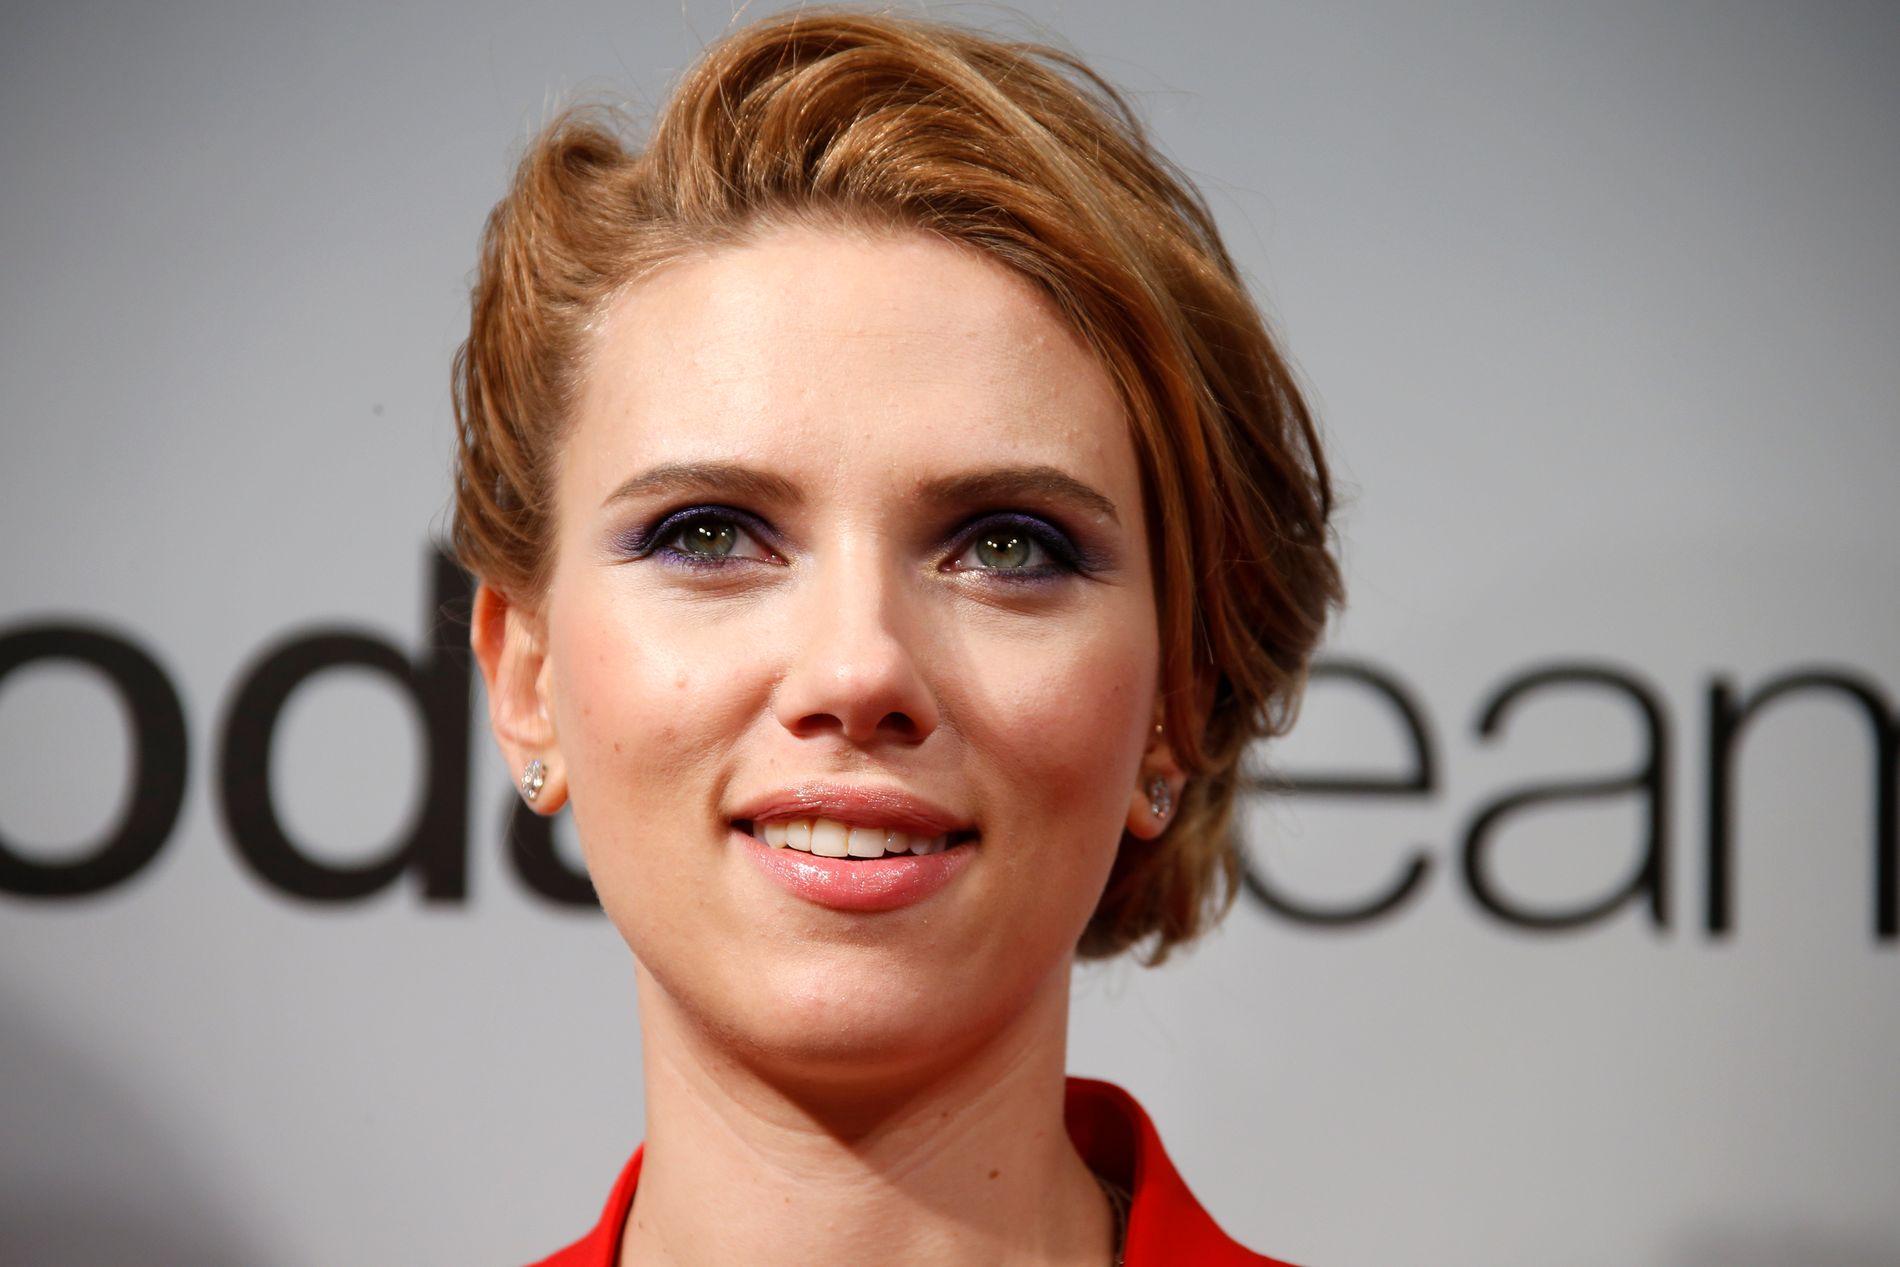 TREKKER SEG: Scarlett Johansson blir ikke å se i «Rub & Tug». Her fra den franske premieren av «Captain America: The Winter Soldier» i 2014.